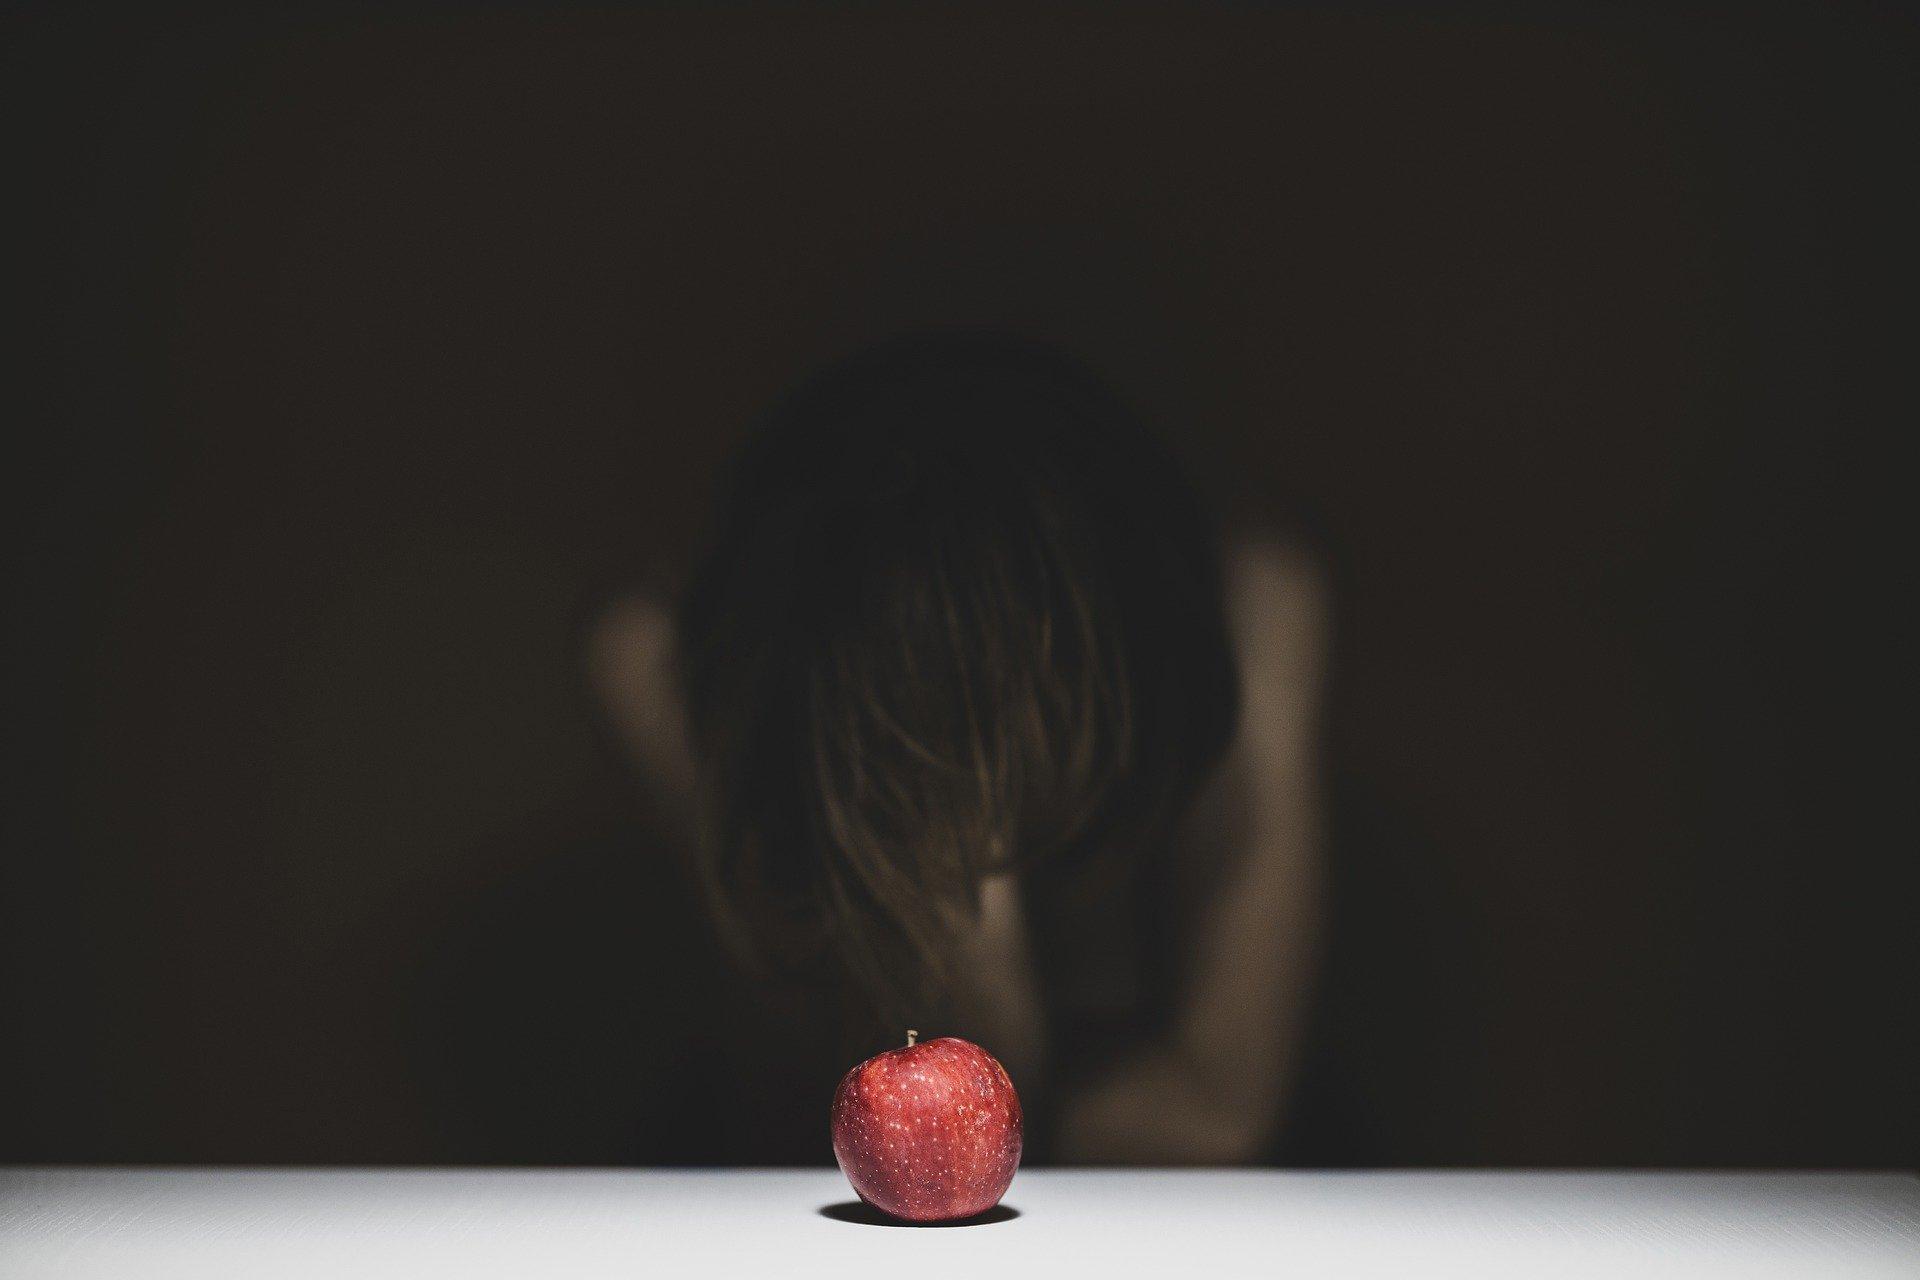 una donna china su se stessa con la testa tra le mani e davanti a sè una mela rossa sopra un tavolo